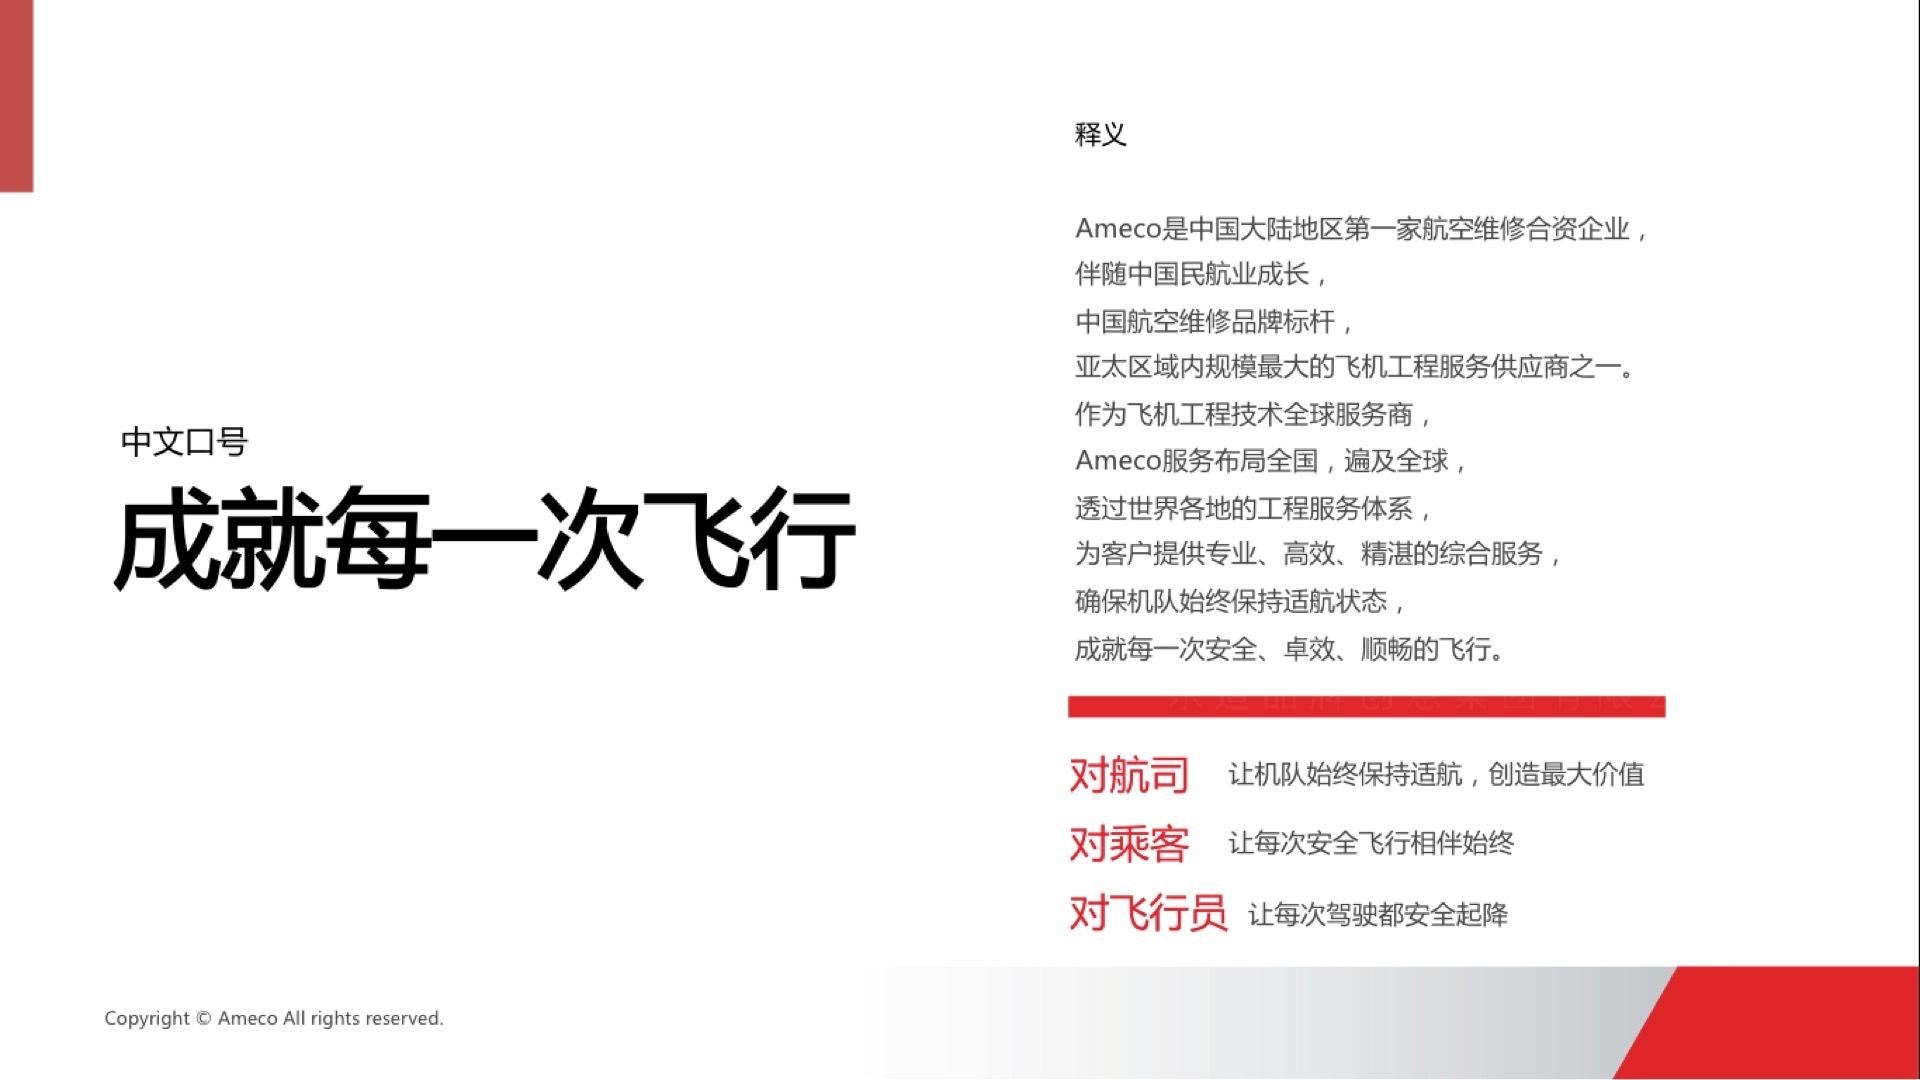 品牌战略&企业文化中国国航Ameco品牌战略规划应用场景_2